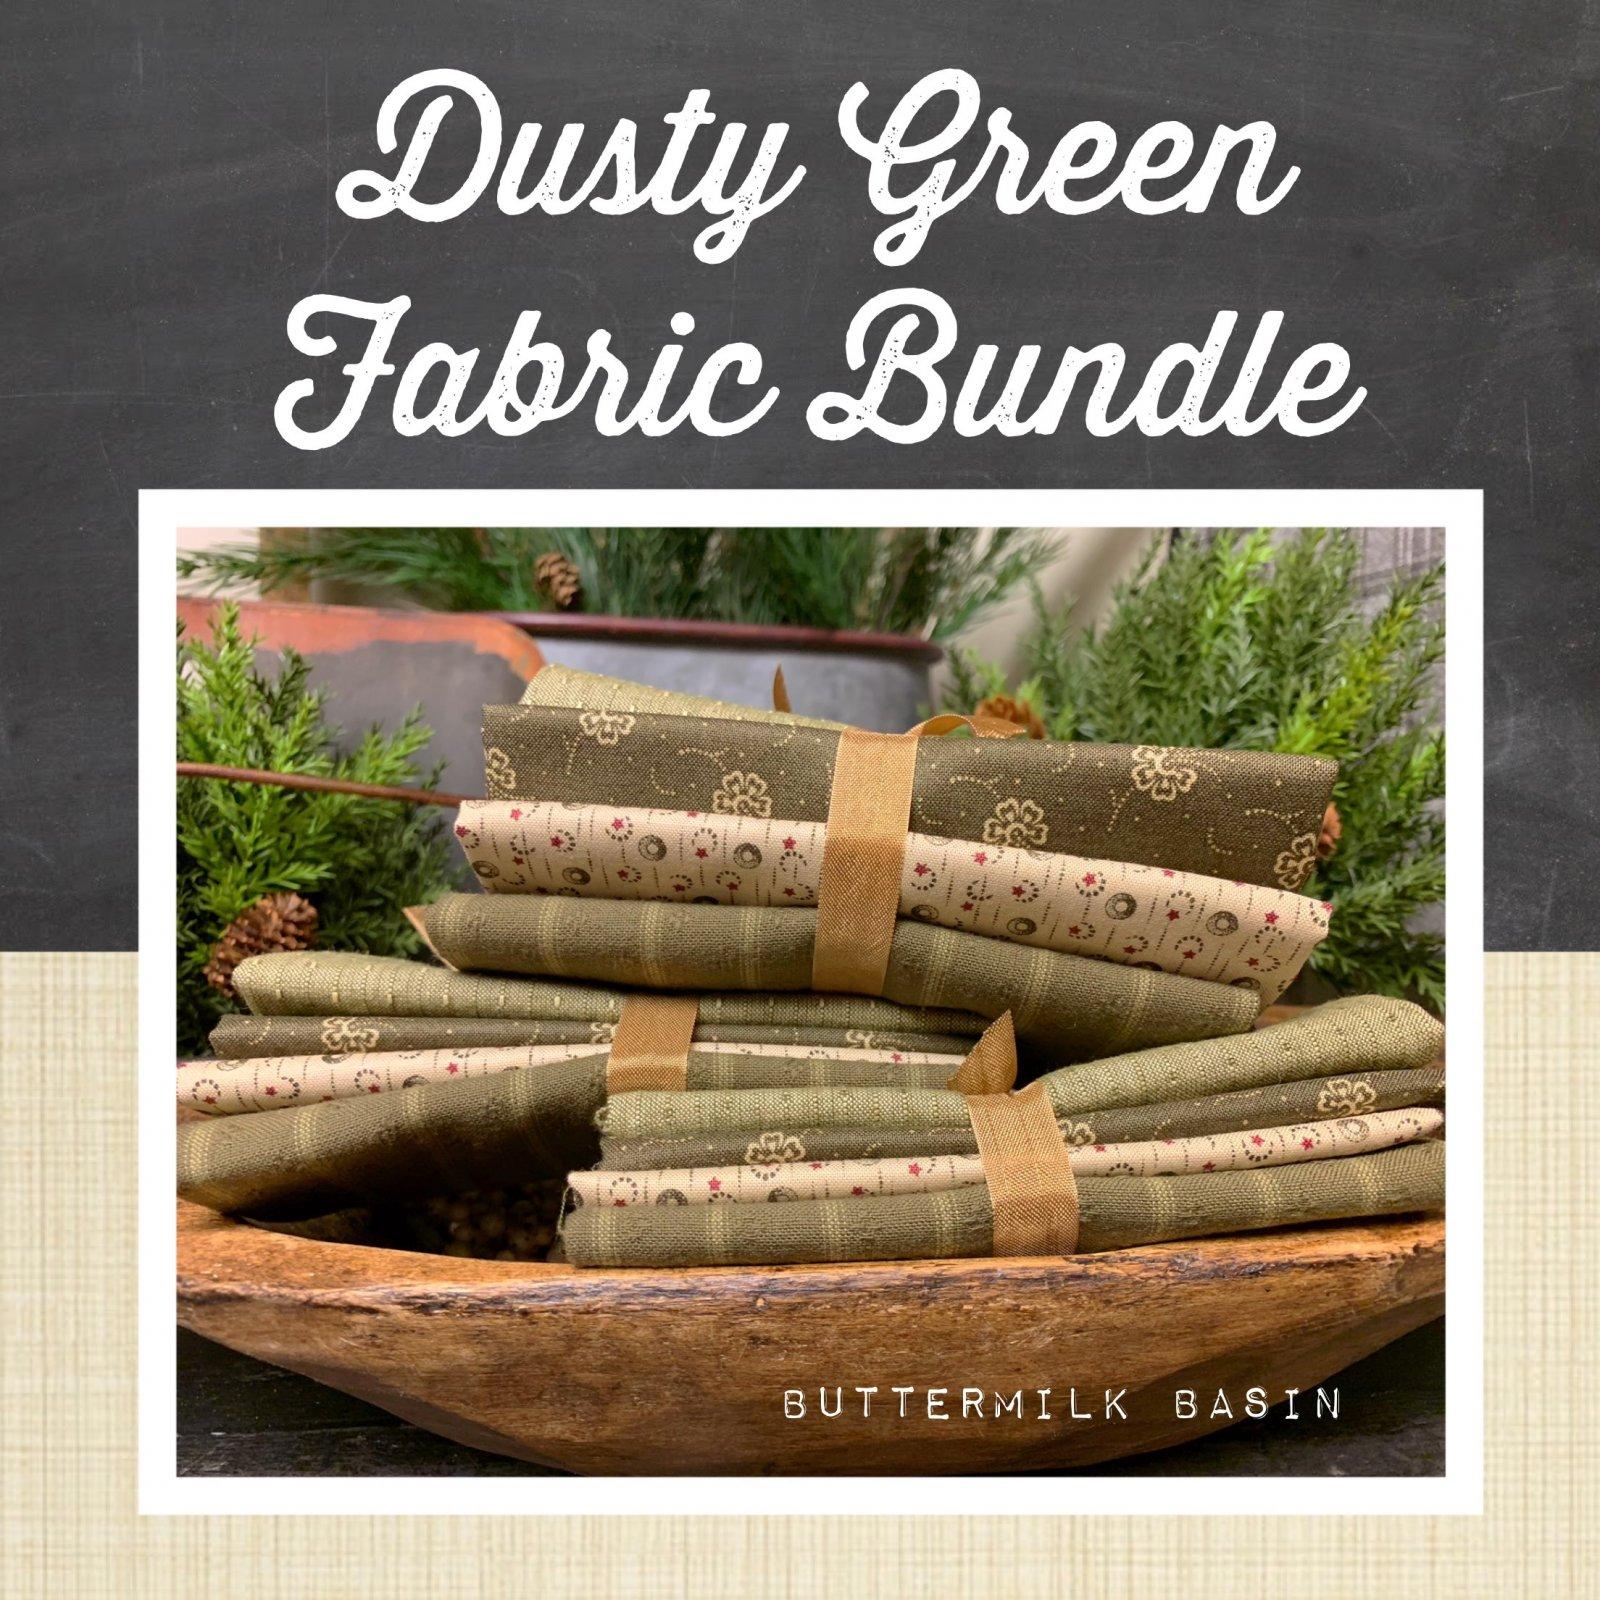 Dusty Green Fabric Bundle